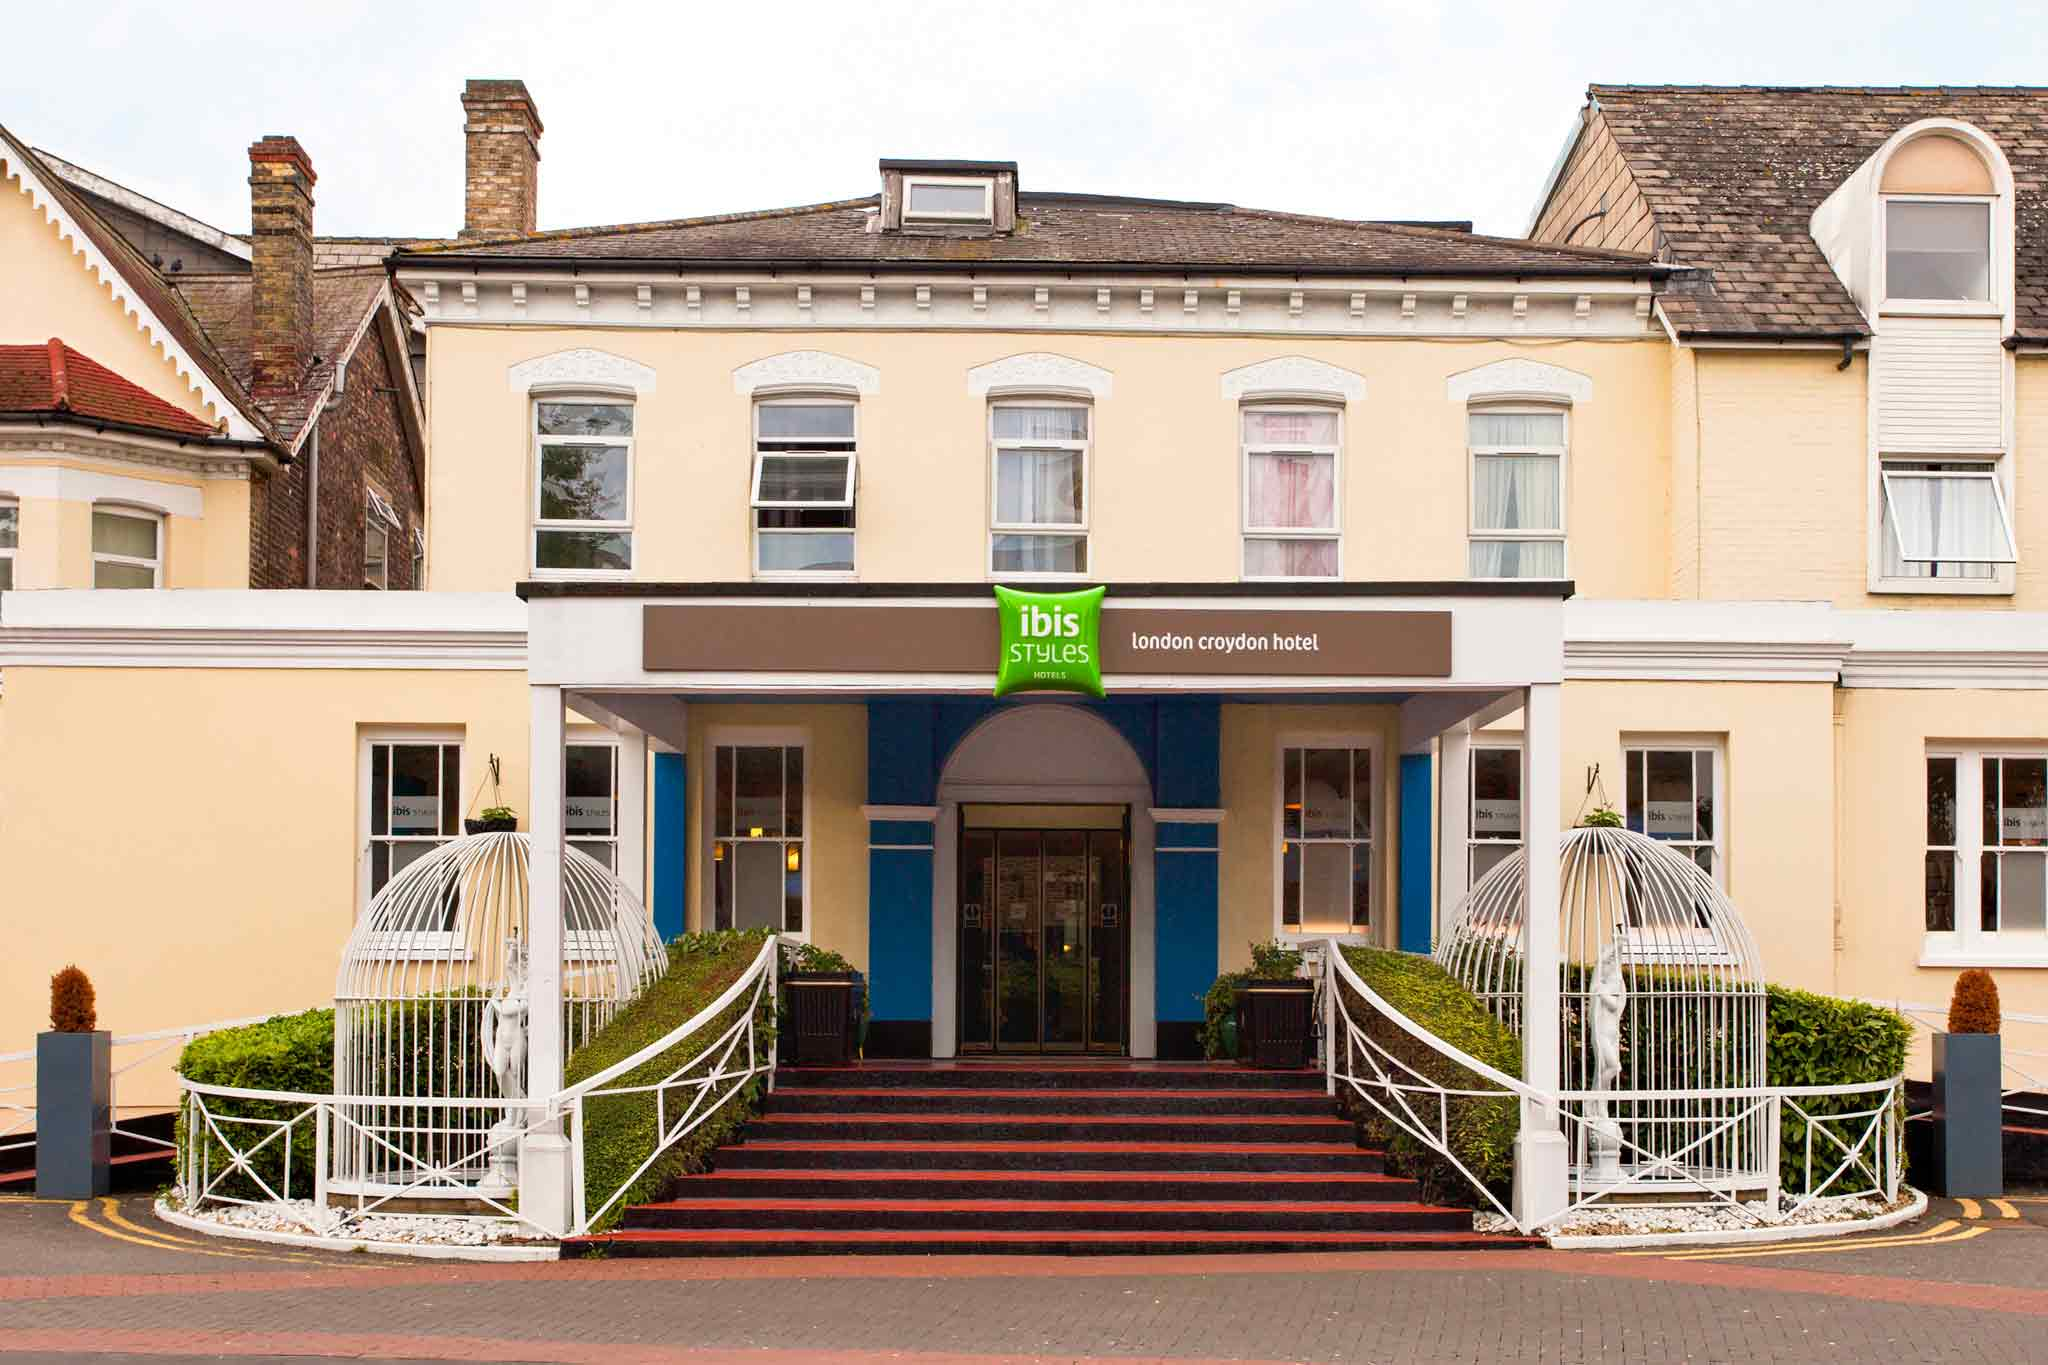 Hotel – ibis Styles Londres Croydon